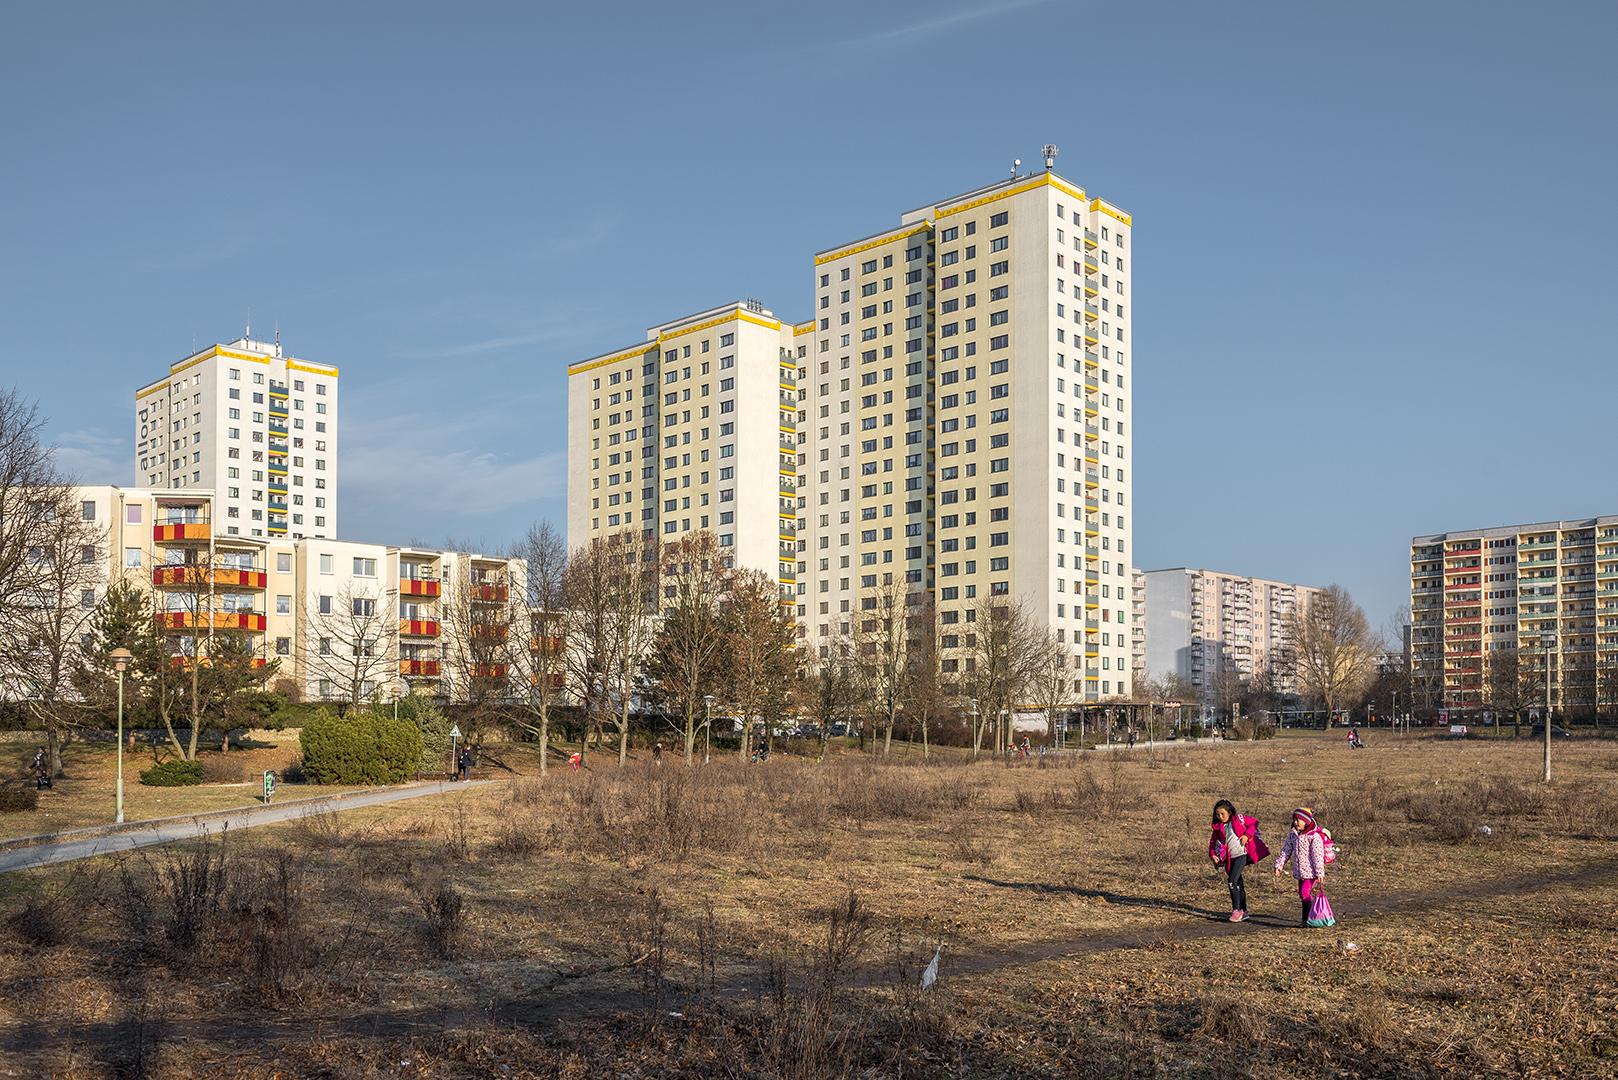 Gelände an der Ludwig-Renn-Straße, mit angrenzenden Plattenbauten. Berlin-Marzahn, 16.02.2017